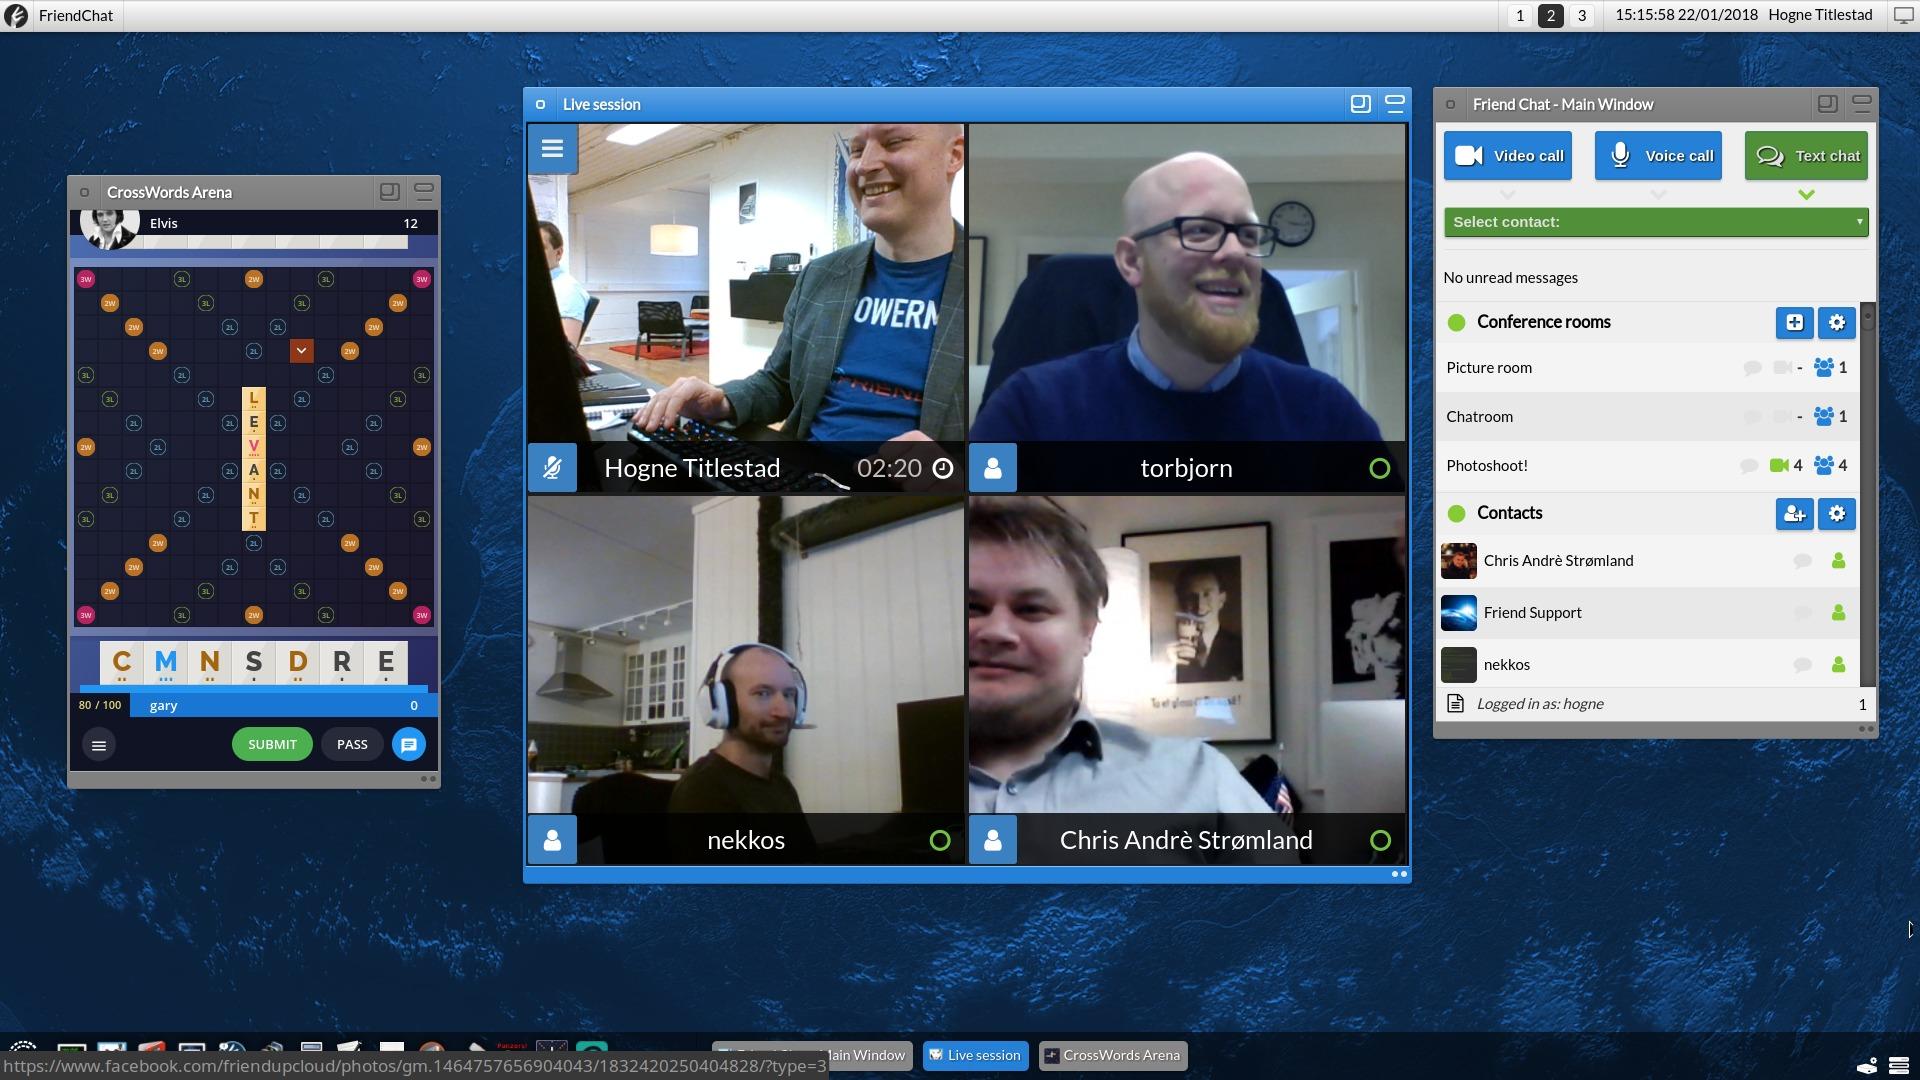 Video-konferanse appen Friend Chat er integrert i Friend og tilbyr samhandling.